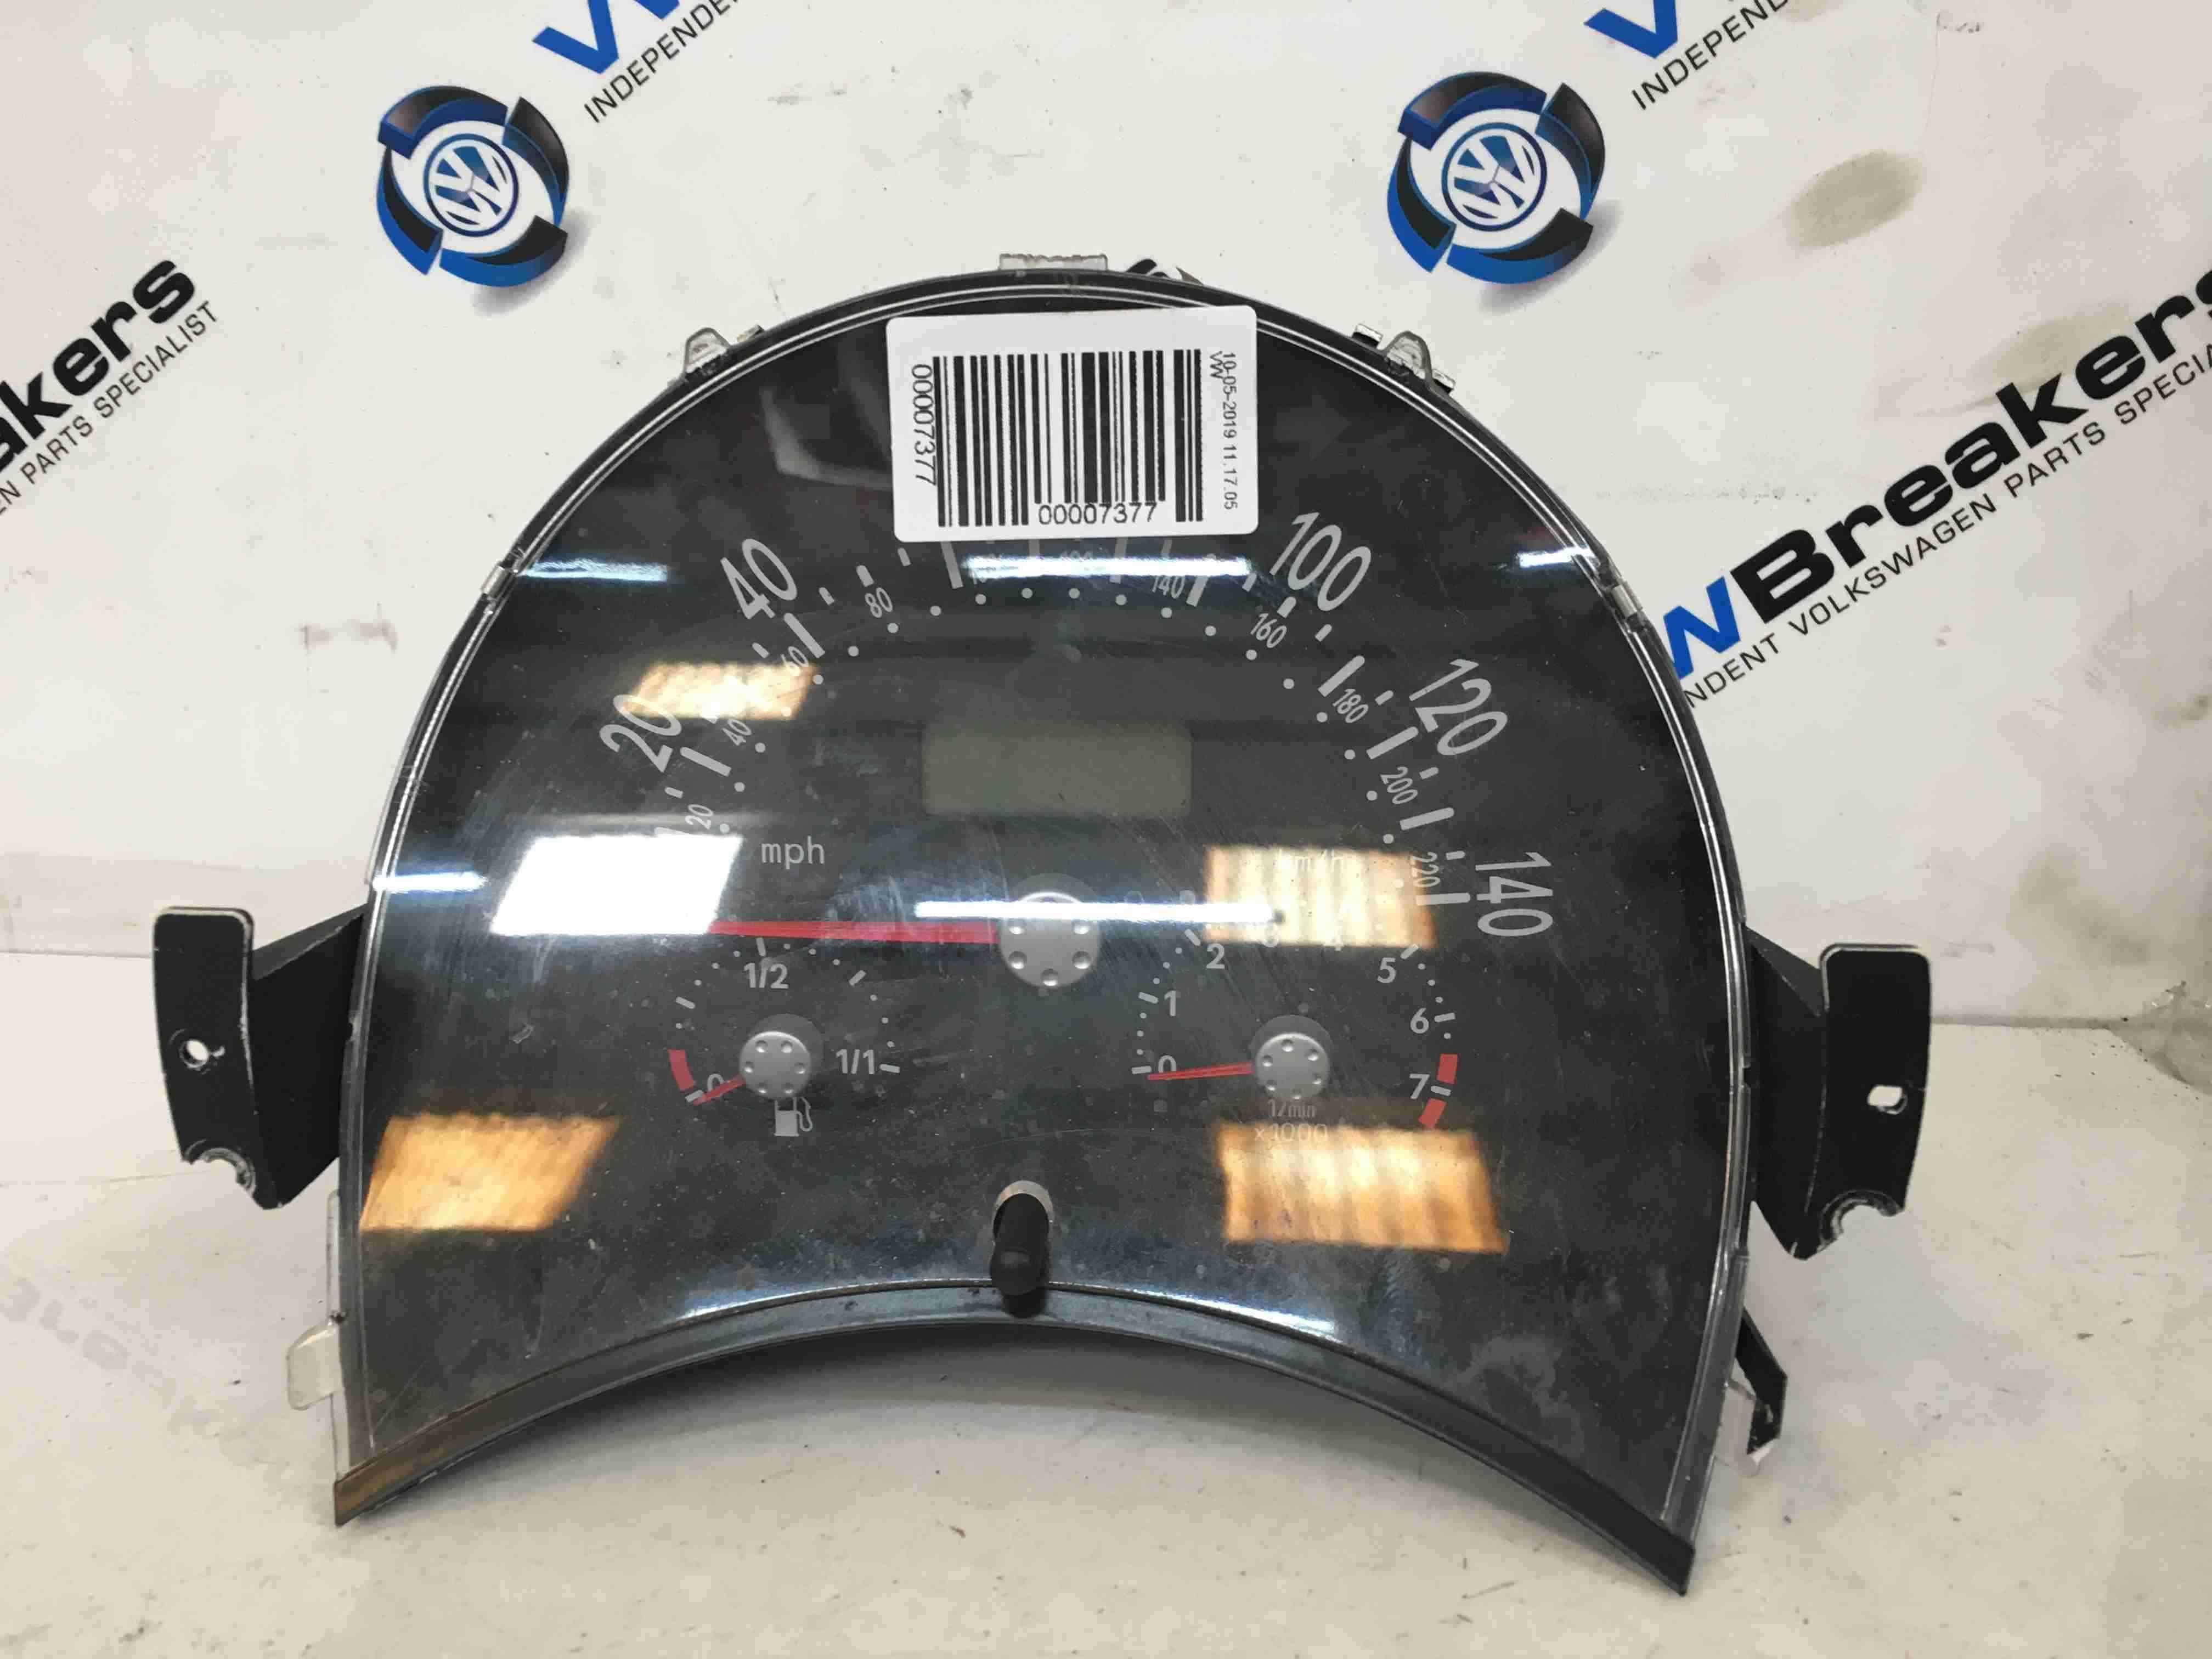 Volkswagen Beetle 1999-2006 Instrument Panel Dials Gauges Clocks 151k 1C0920900C